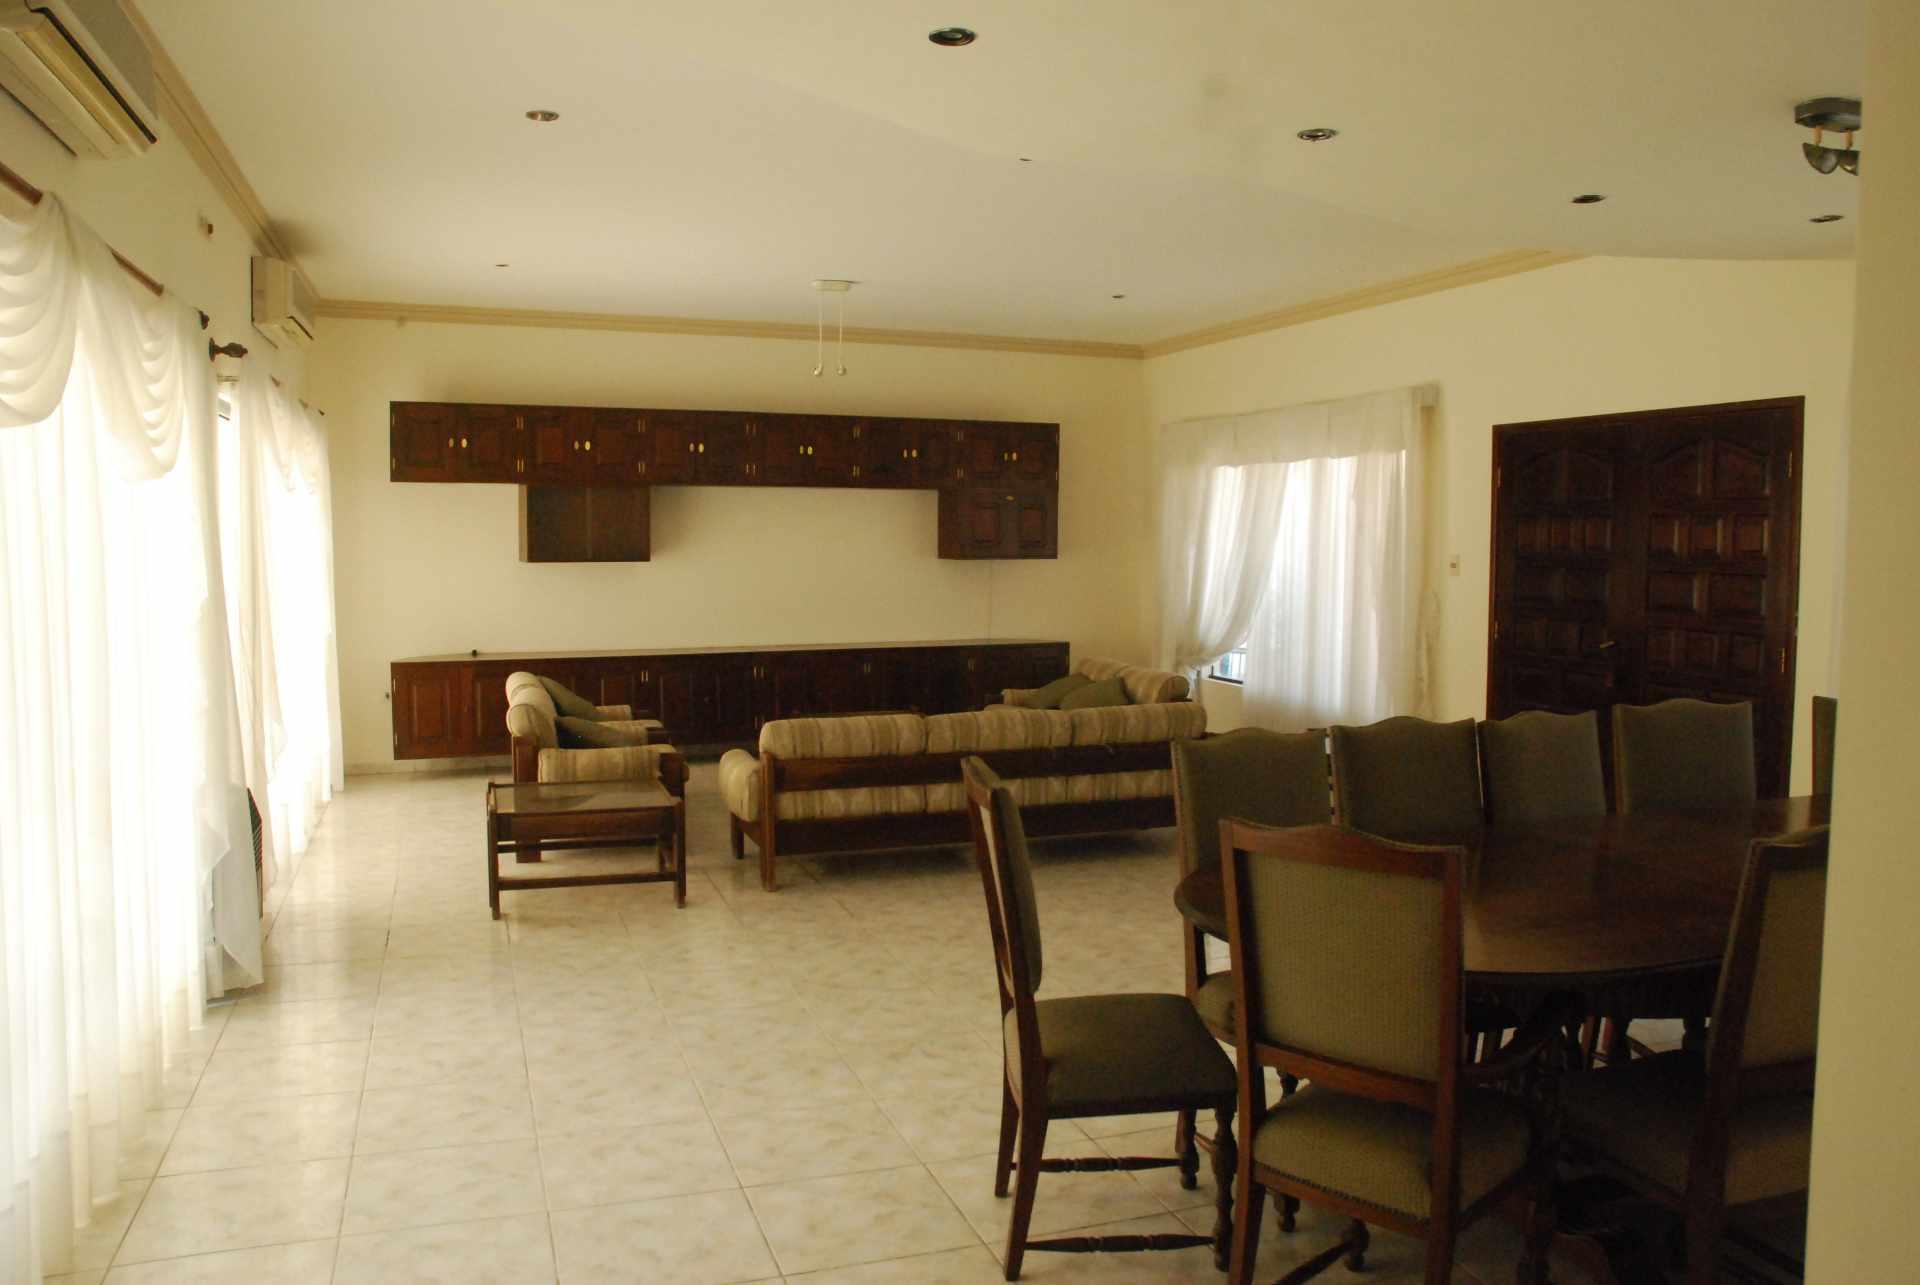 Casa en Alquiler Condominio Barrio Norte , al lado del Mall Las Brisas, 4to anillo Avenida Banzer. Foto 2